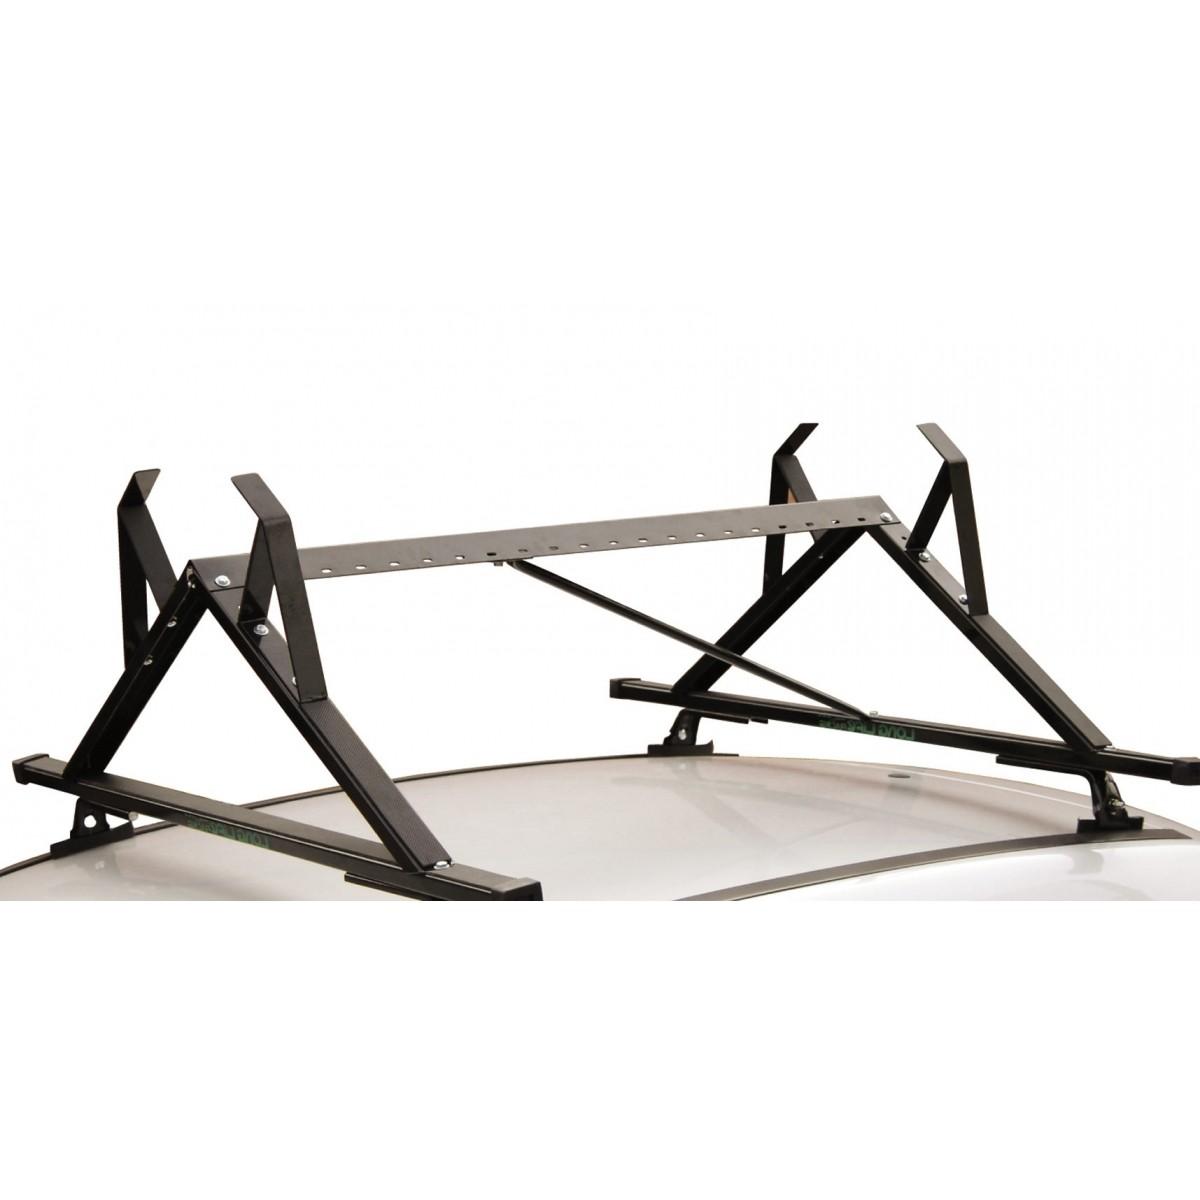 Kit Rack Longlife + Porta Escadas Novo Corsa 4 Portas